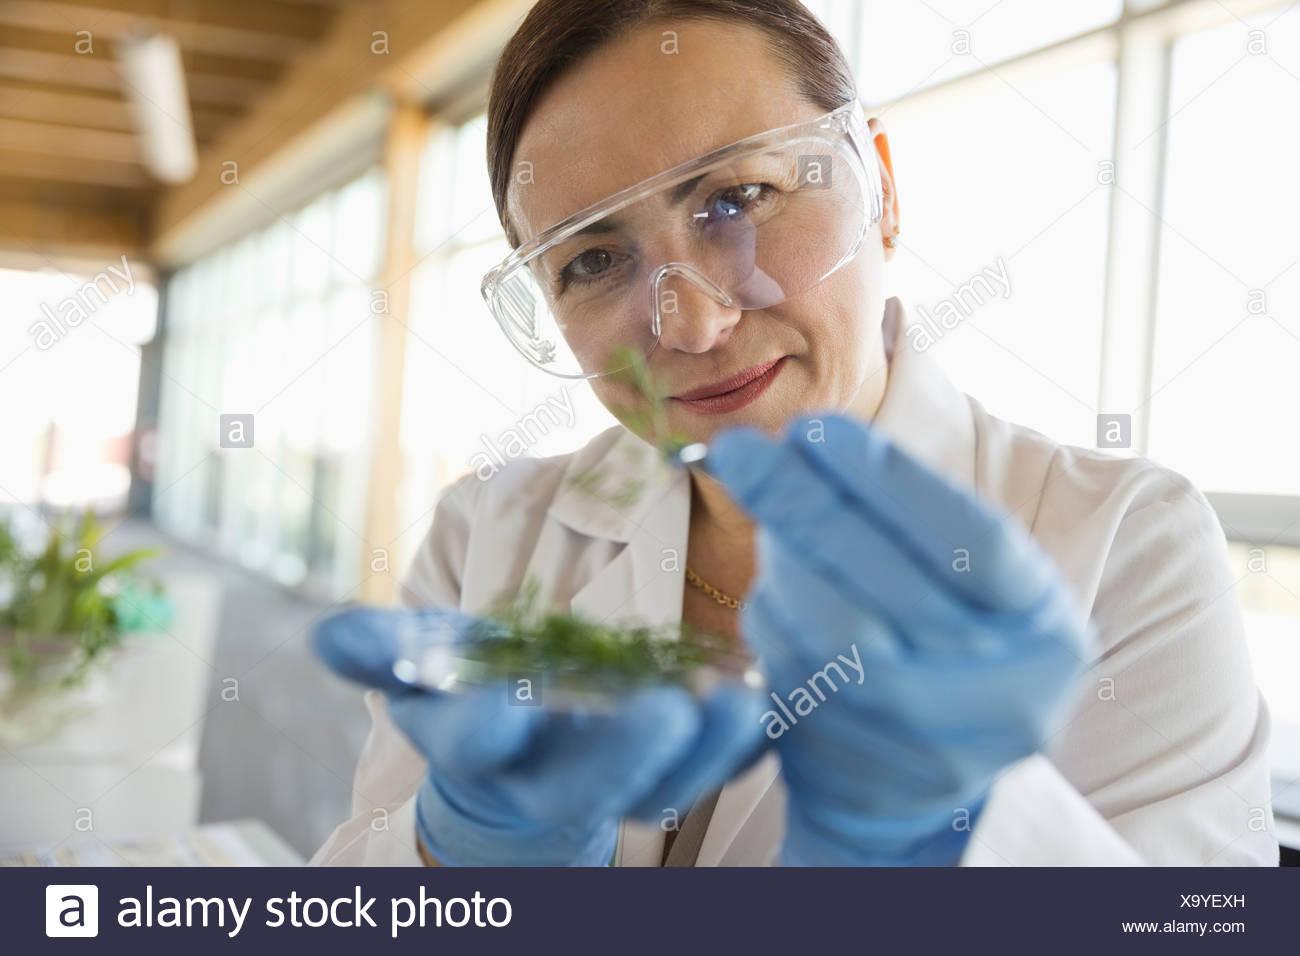 Botánico hembra examinar muestras de plantas Imagen De Stock